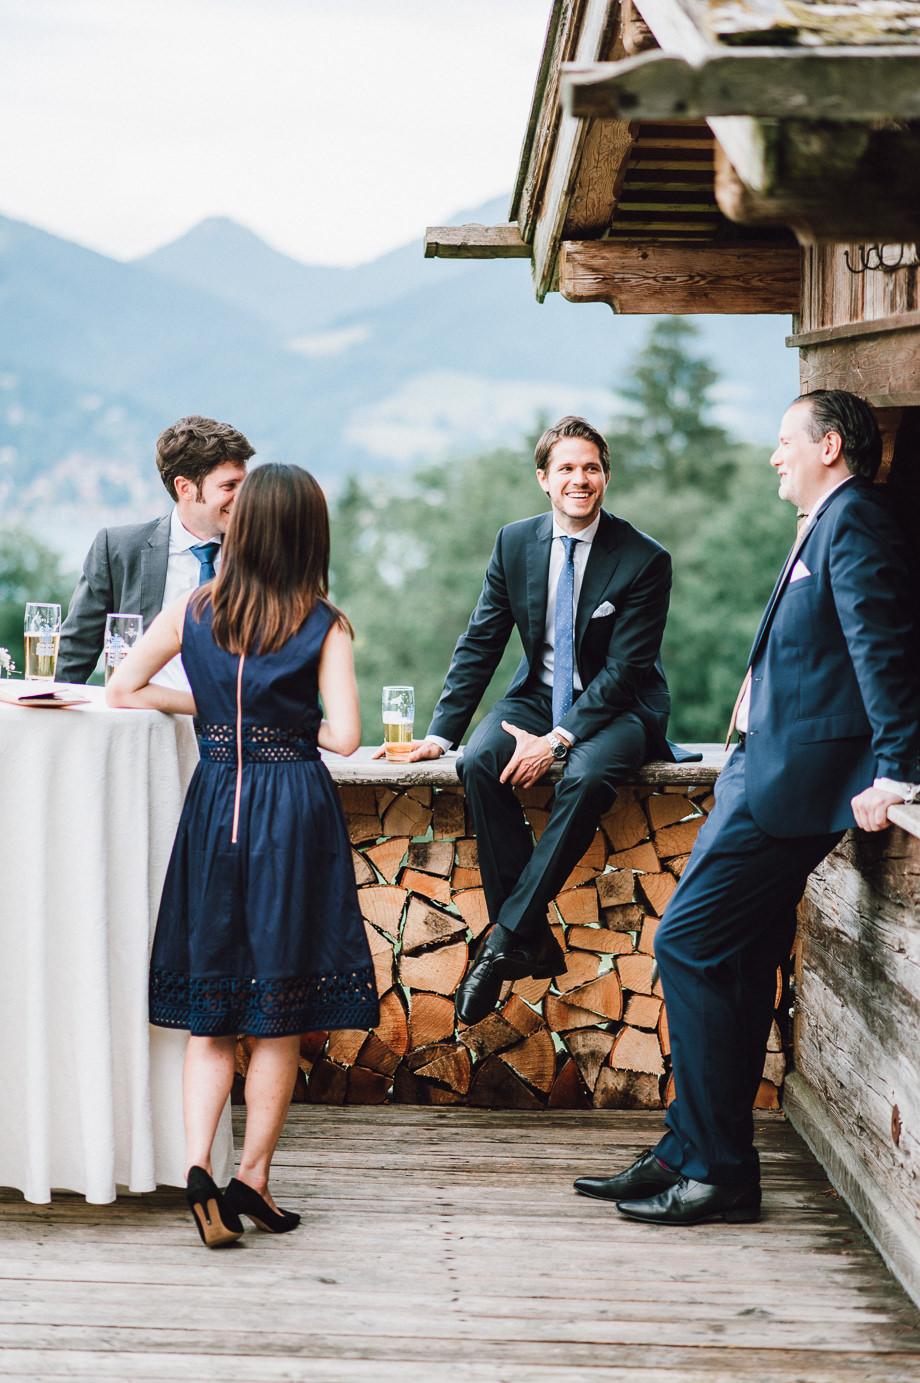 Hochzeit_Tegernsee_Lauraelenaphotography_Lake_Wedding_Freihaus_Brenner_Mountainwedding_Sommerhochzeit_NewYork_Seeblick_100